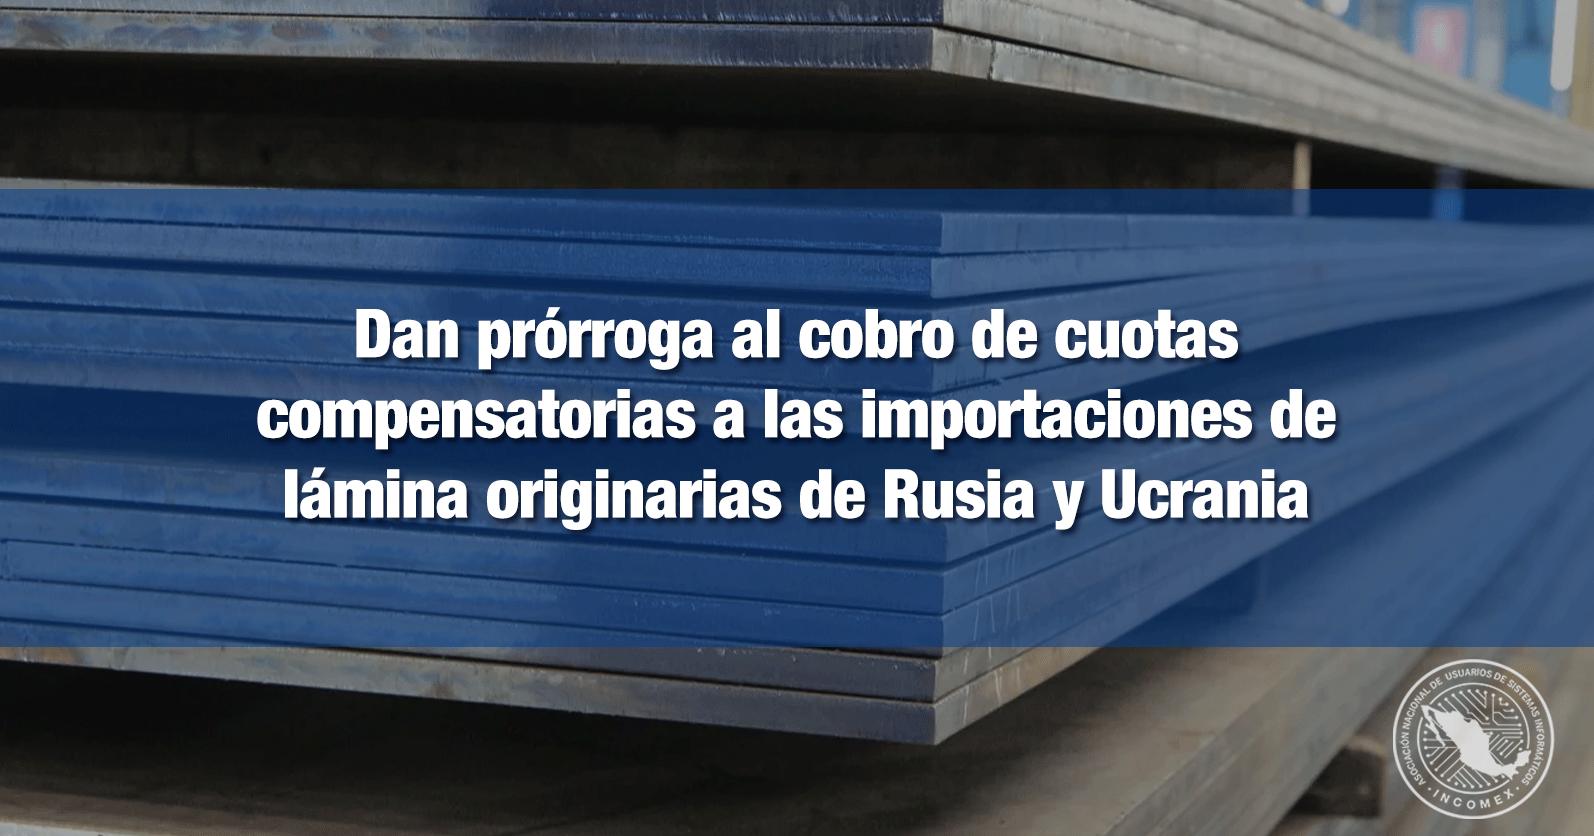 Dan prórroga al cobro de cuotas compensatorias a las importaciones de lámina originarias de Rusia y Ucrania